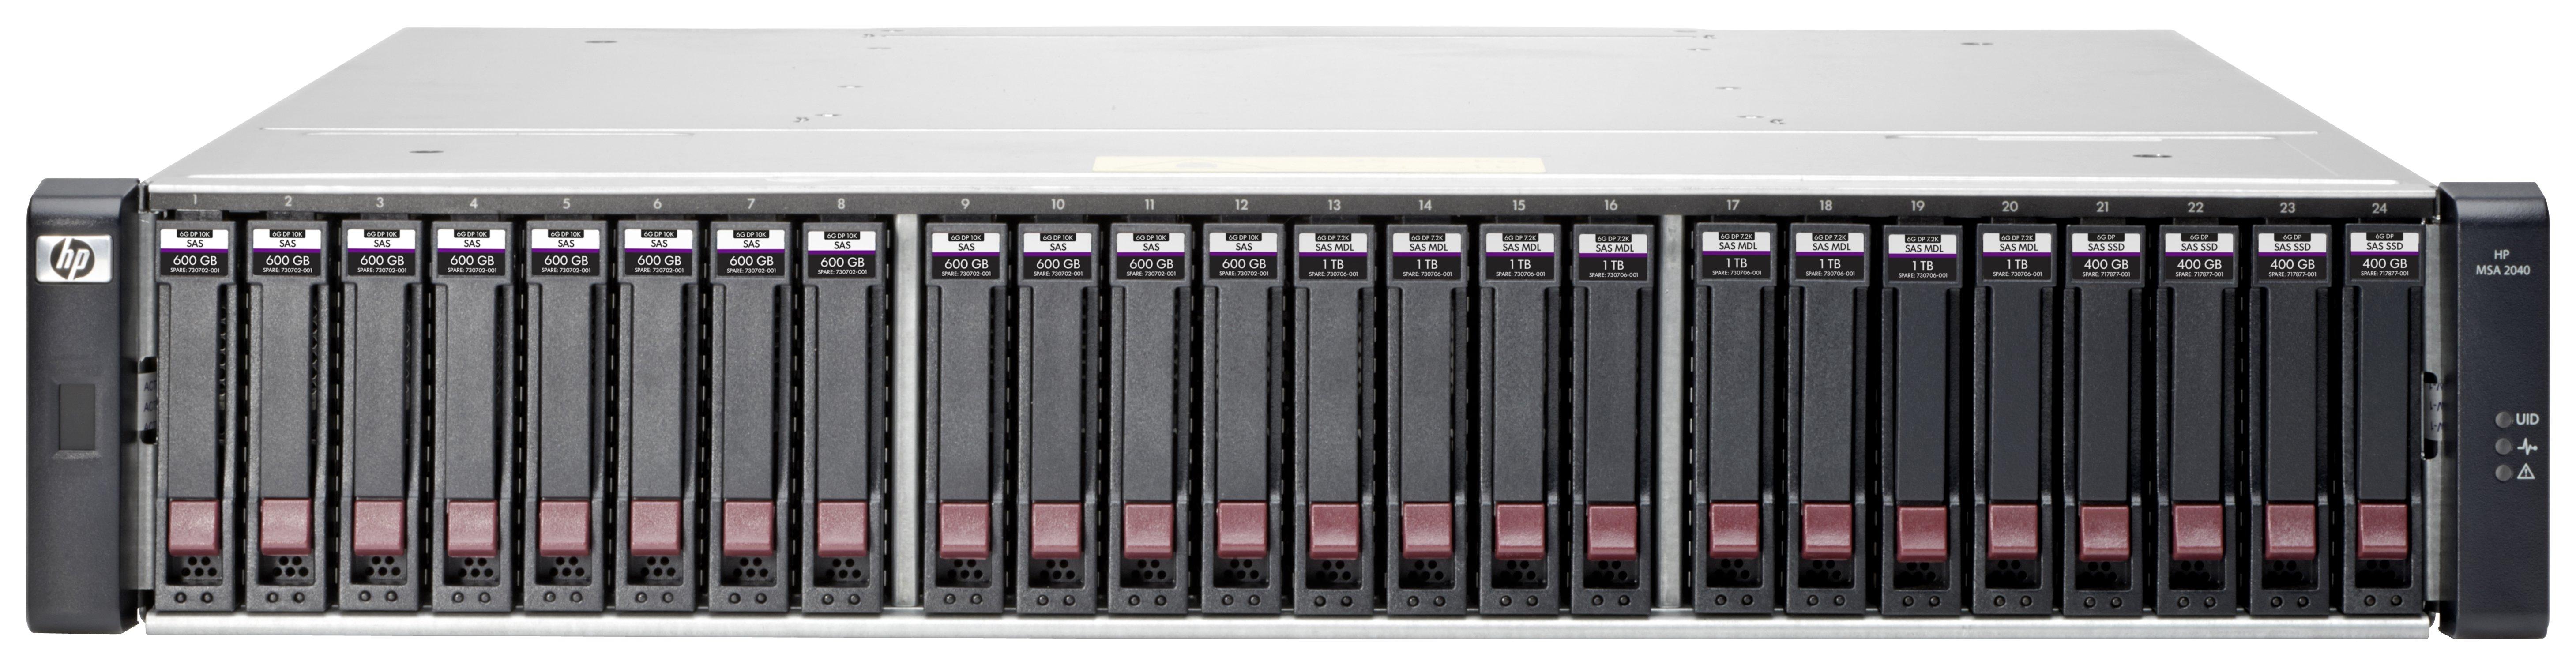 Hewlett Packard HP MSA 2040 SAS DC LFF STORAGE